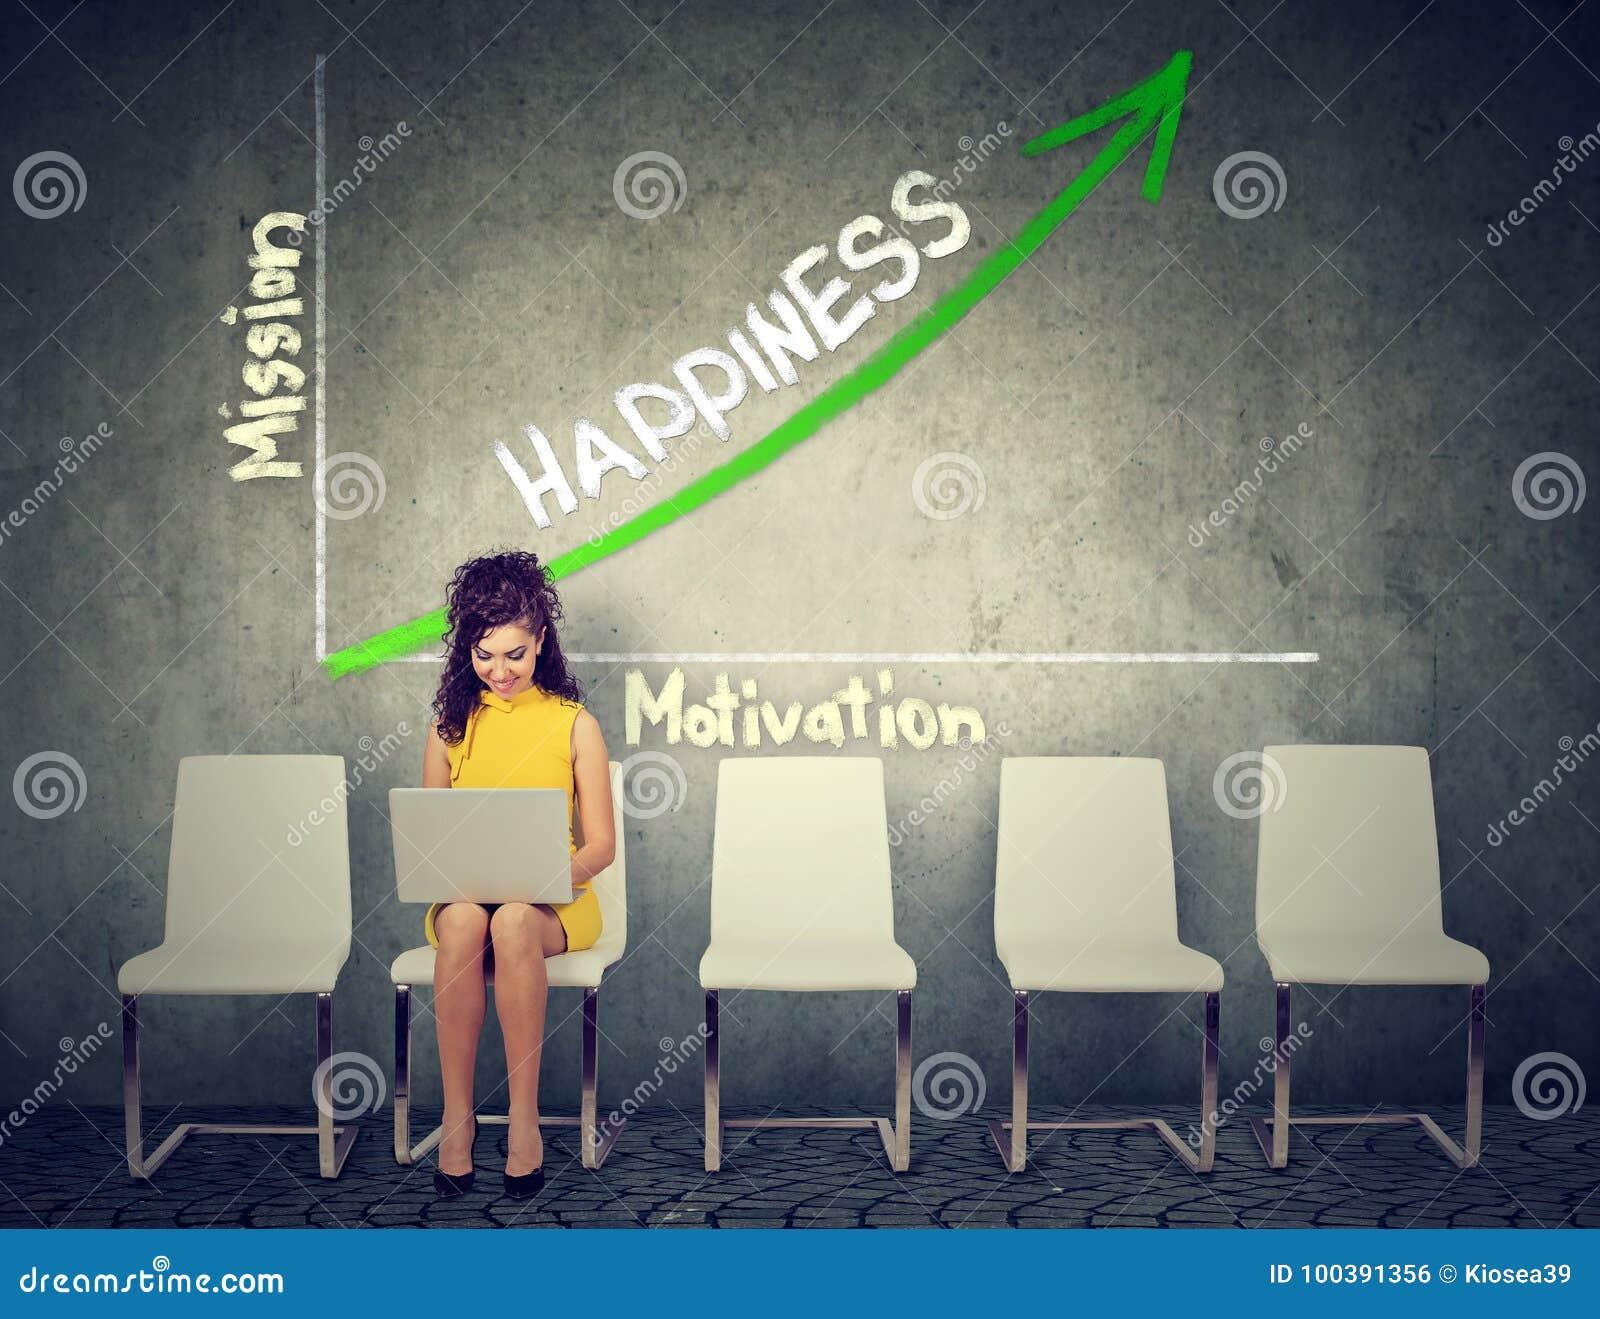 Ευτυχία και μόνη έννοια πραγματοποίησης Γυναίκα που χρησιμοποιεί το lap-top σε ένα υπόβαθρο αύξησης γραφικών παραστάσεων ευκαιρία